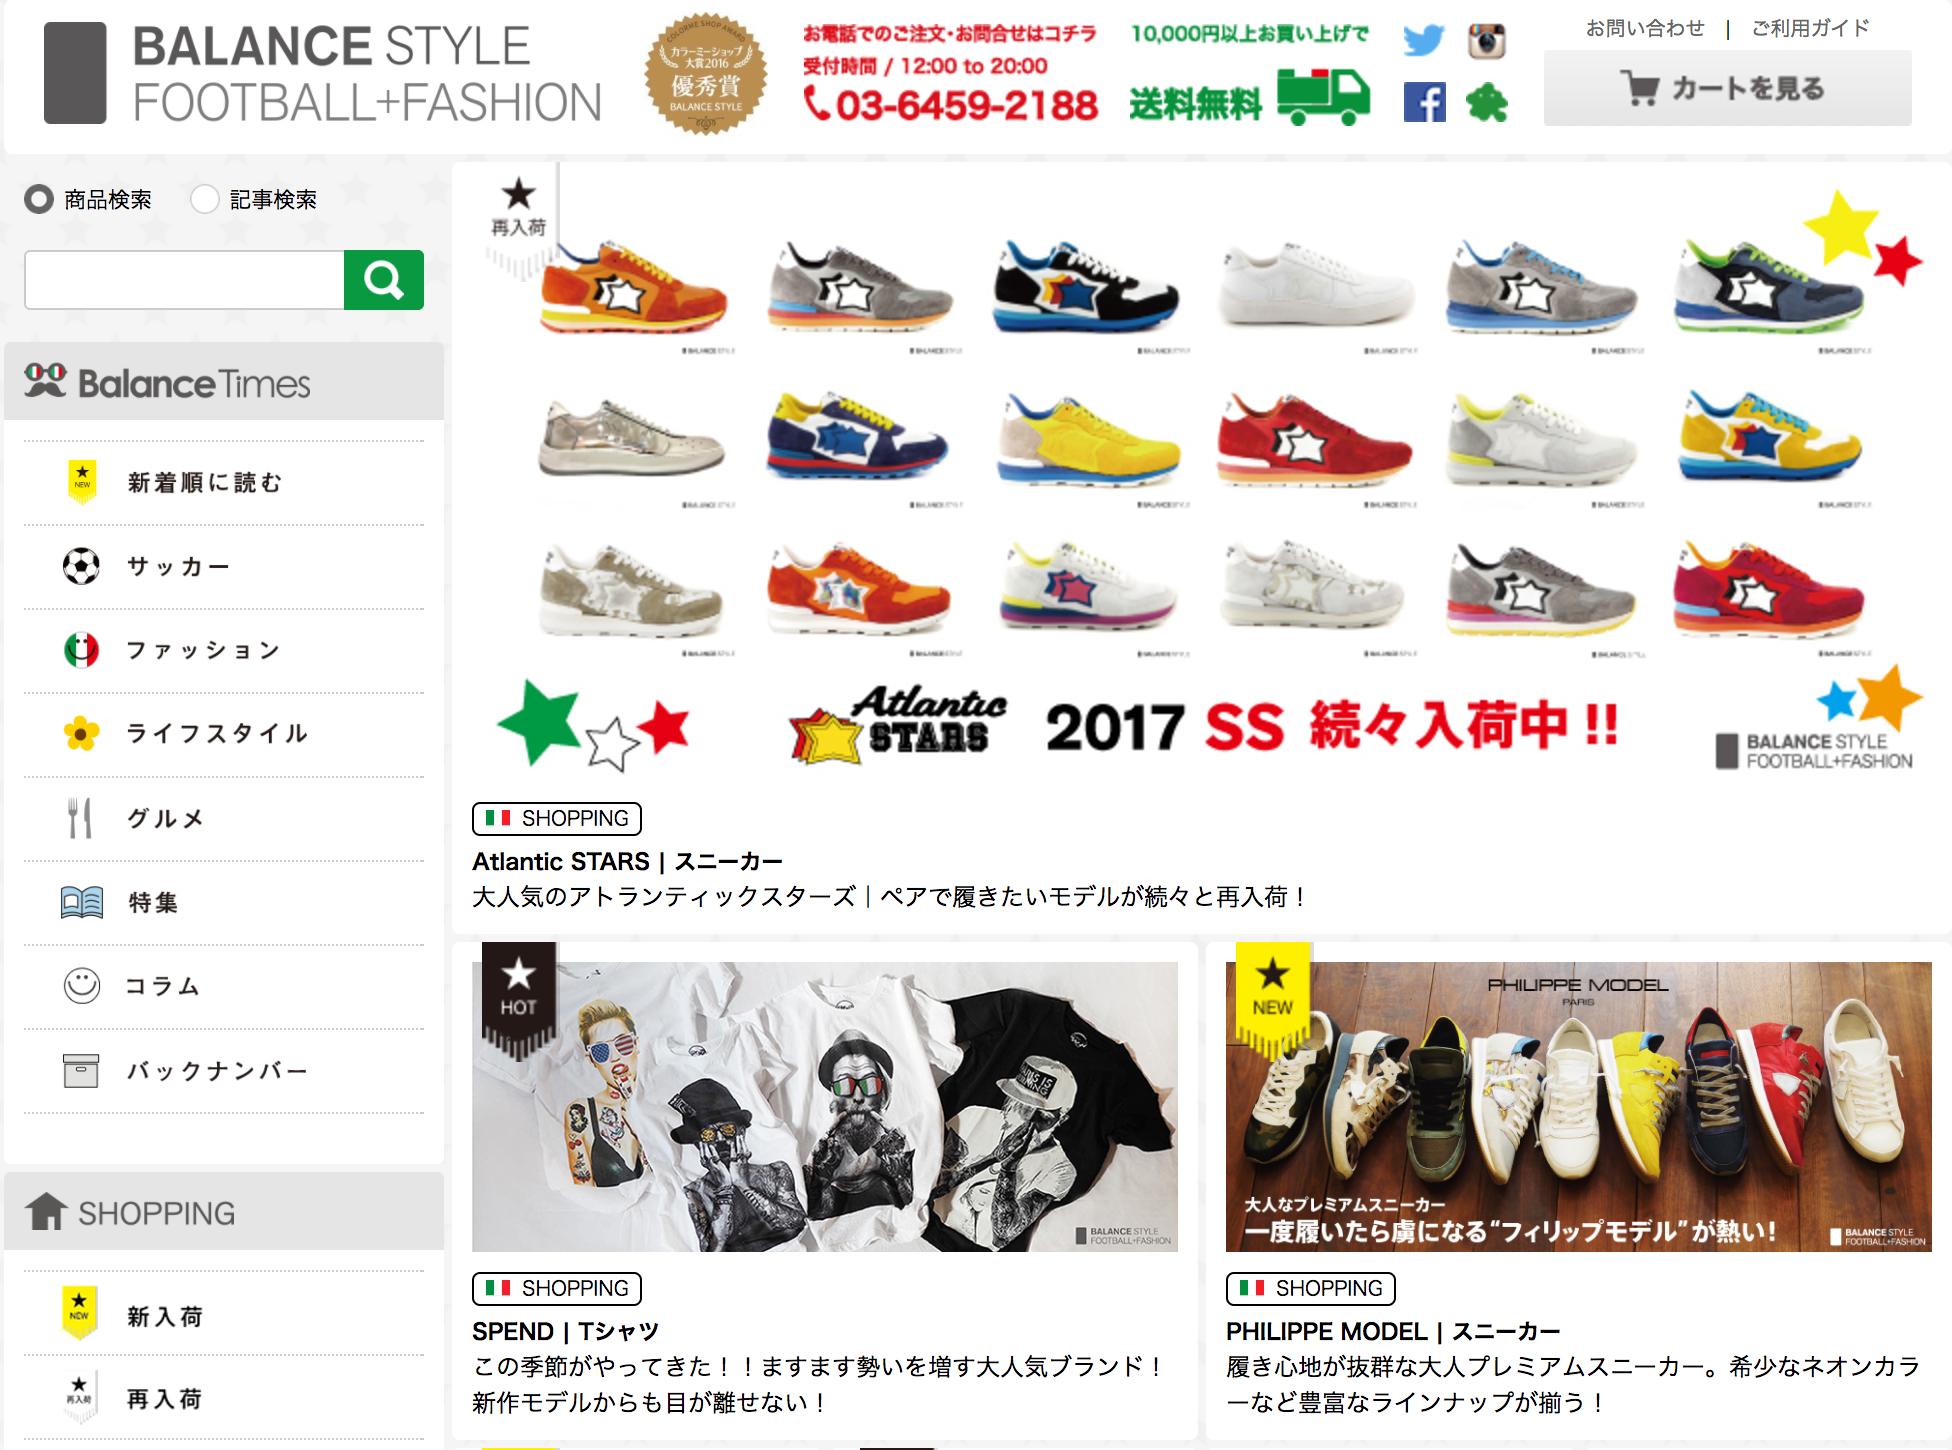 カラーミーショップ大賞 BALANCE STYLE